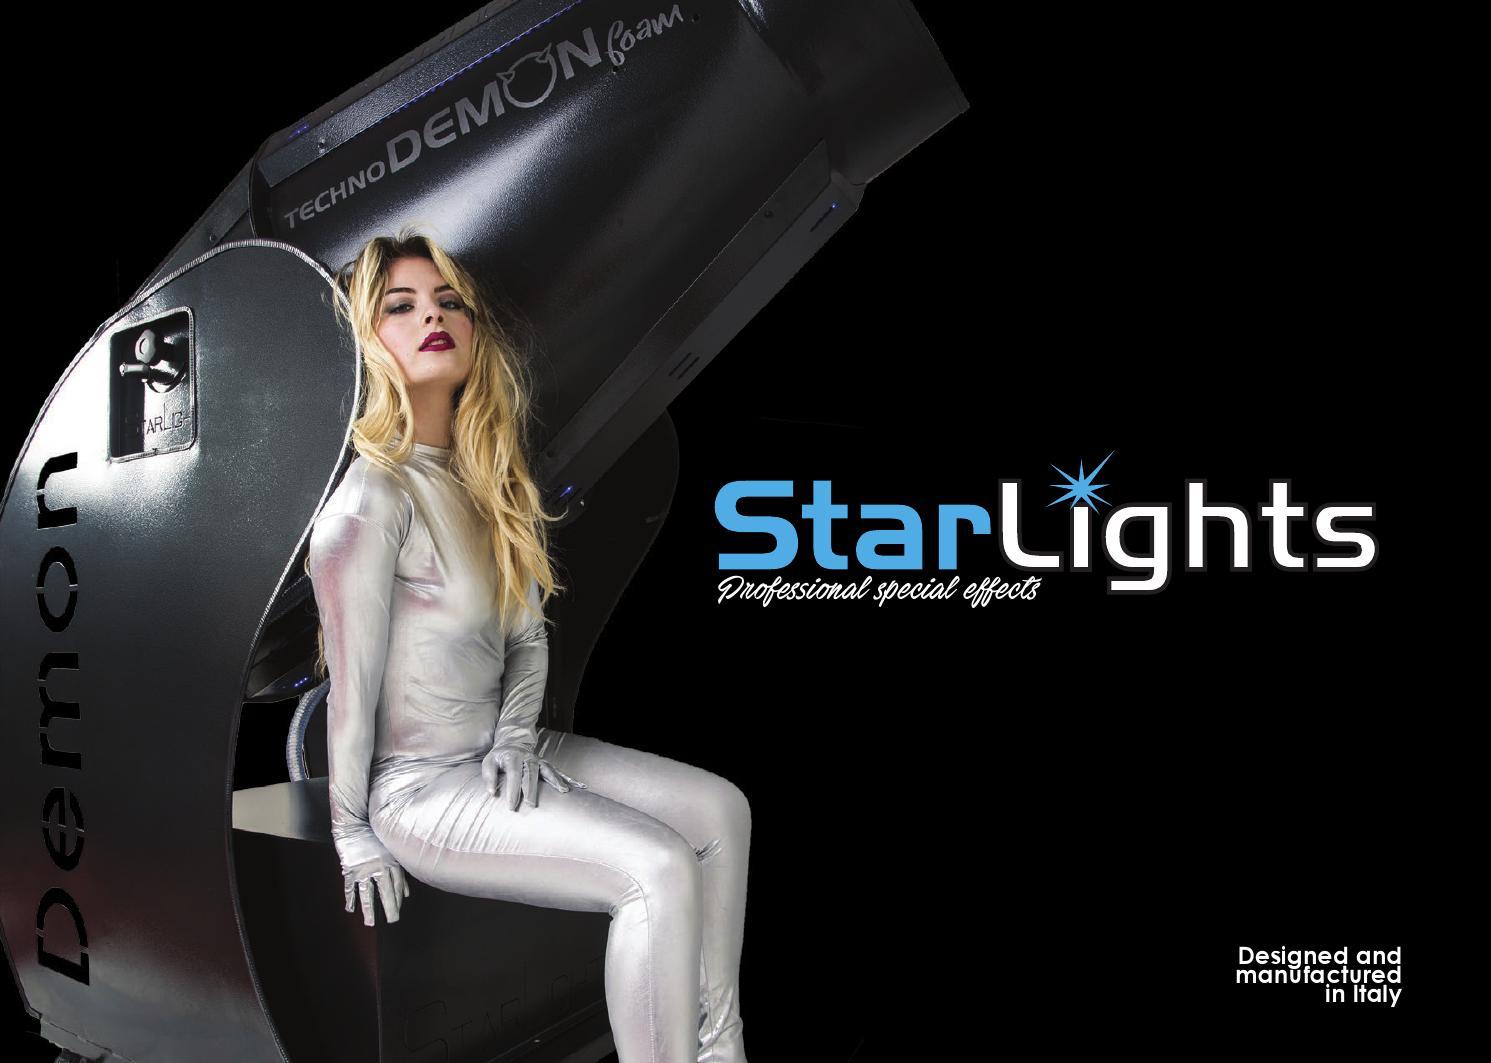 Calendario starlights 2016 by starlab spettacoli issuu for Starlab spettacoli